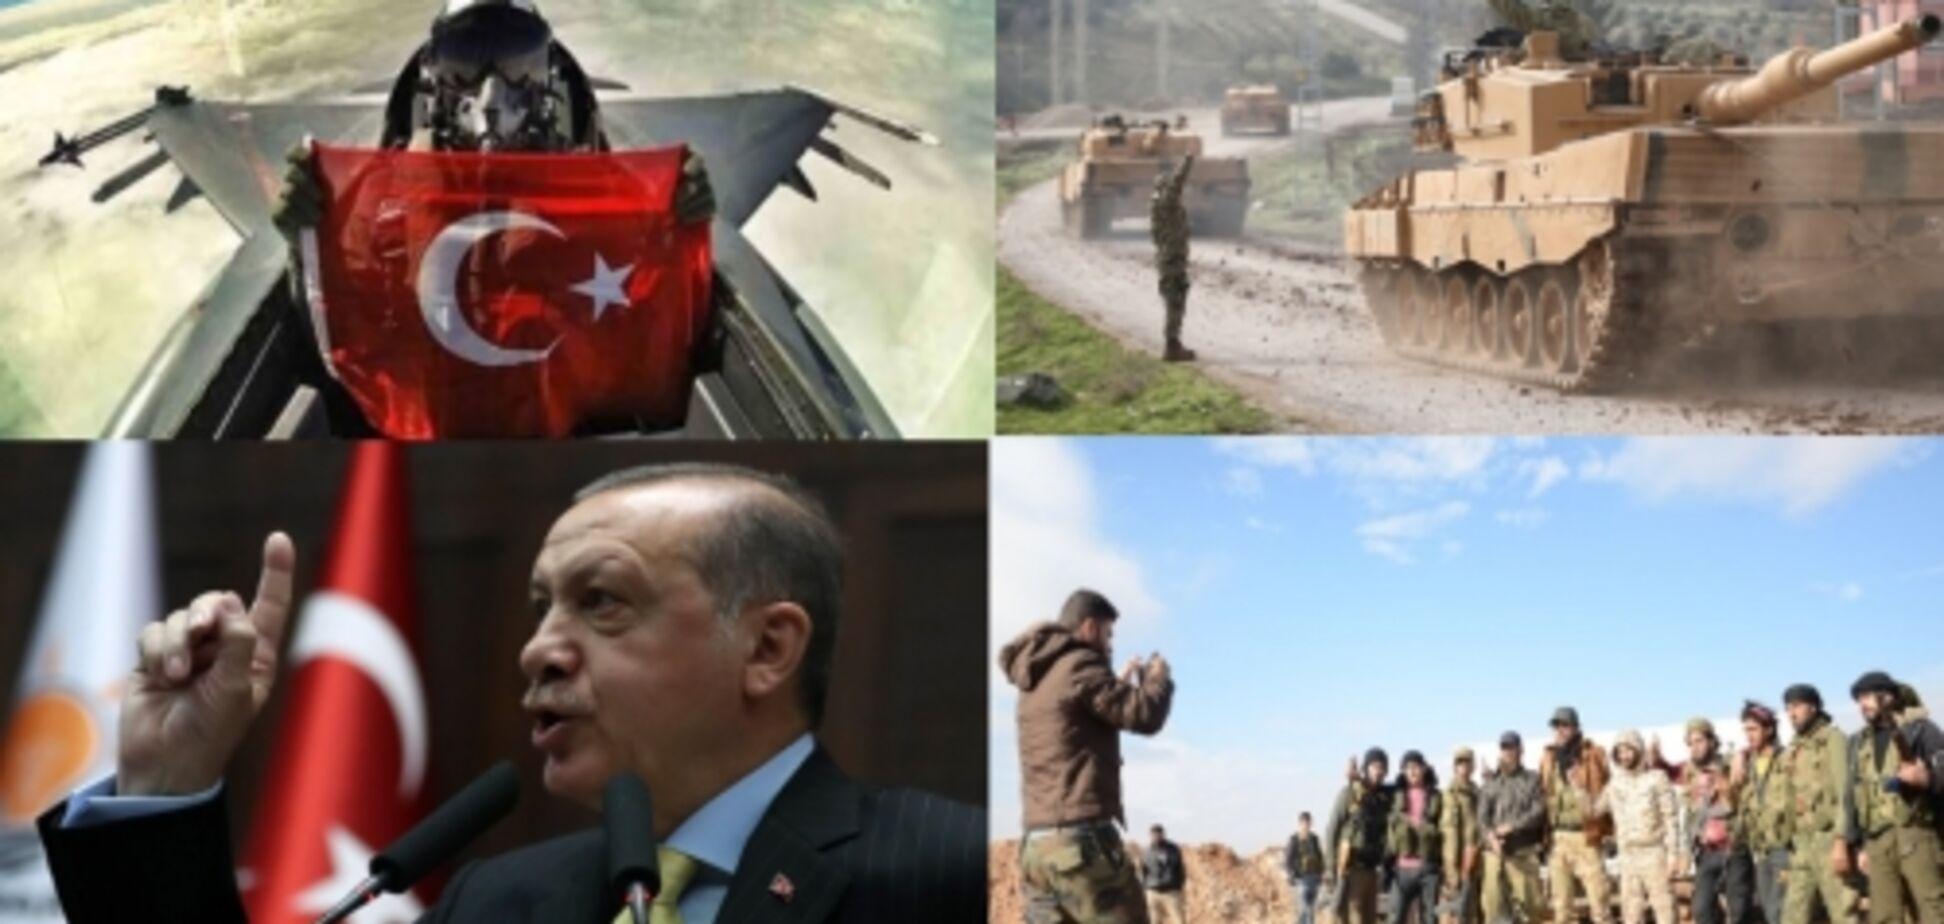 Що турки робитимуть із курдами після окупації